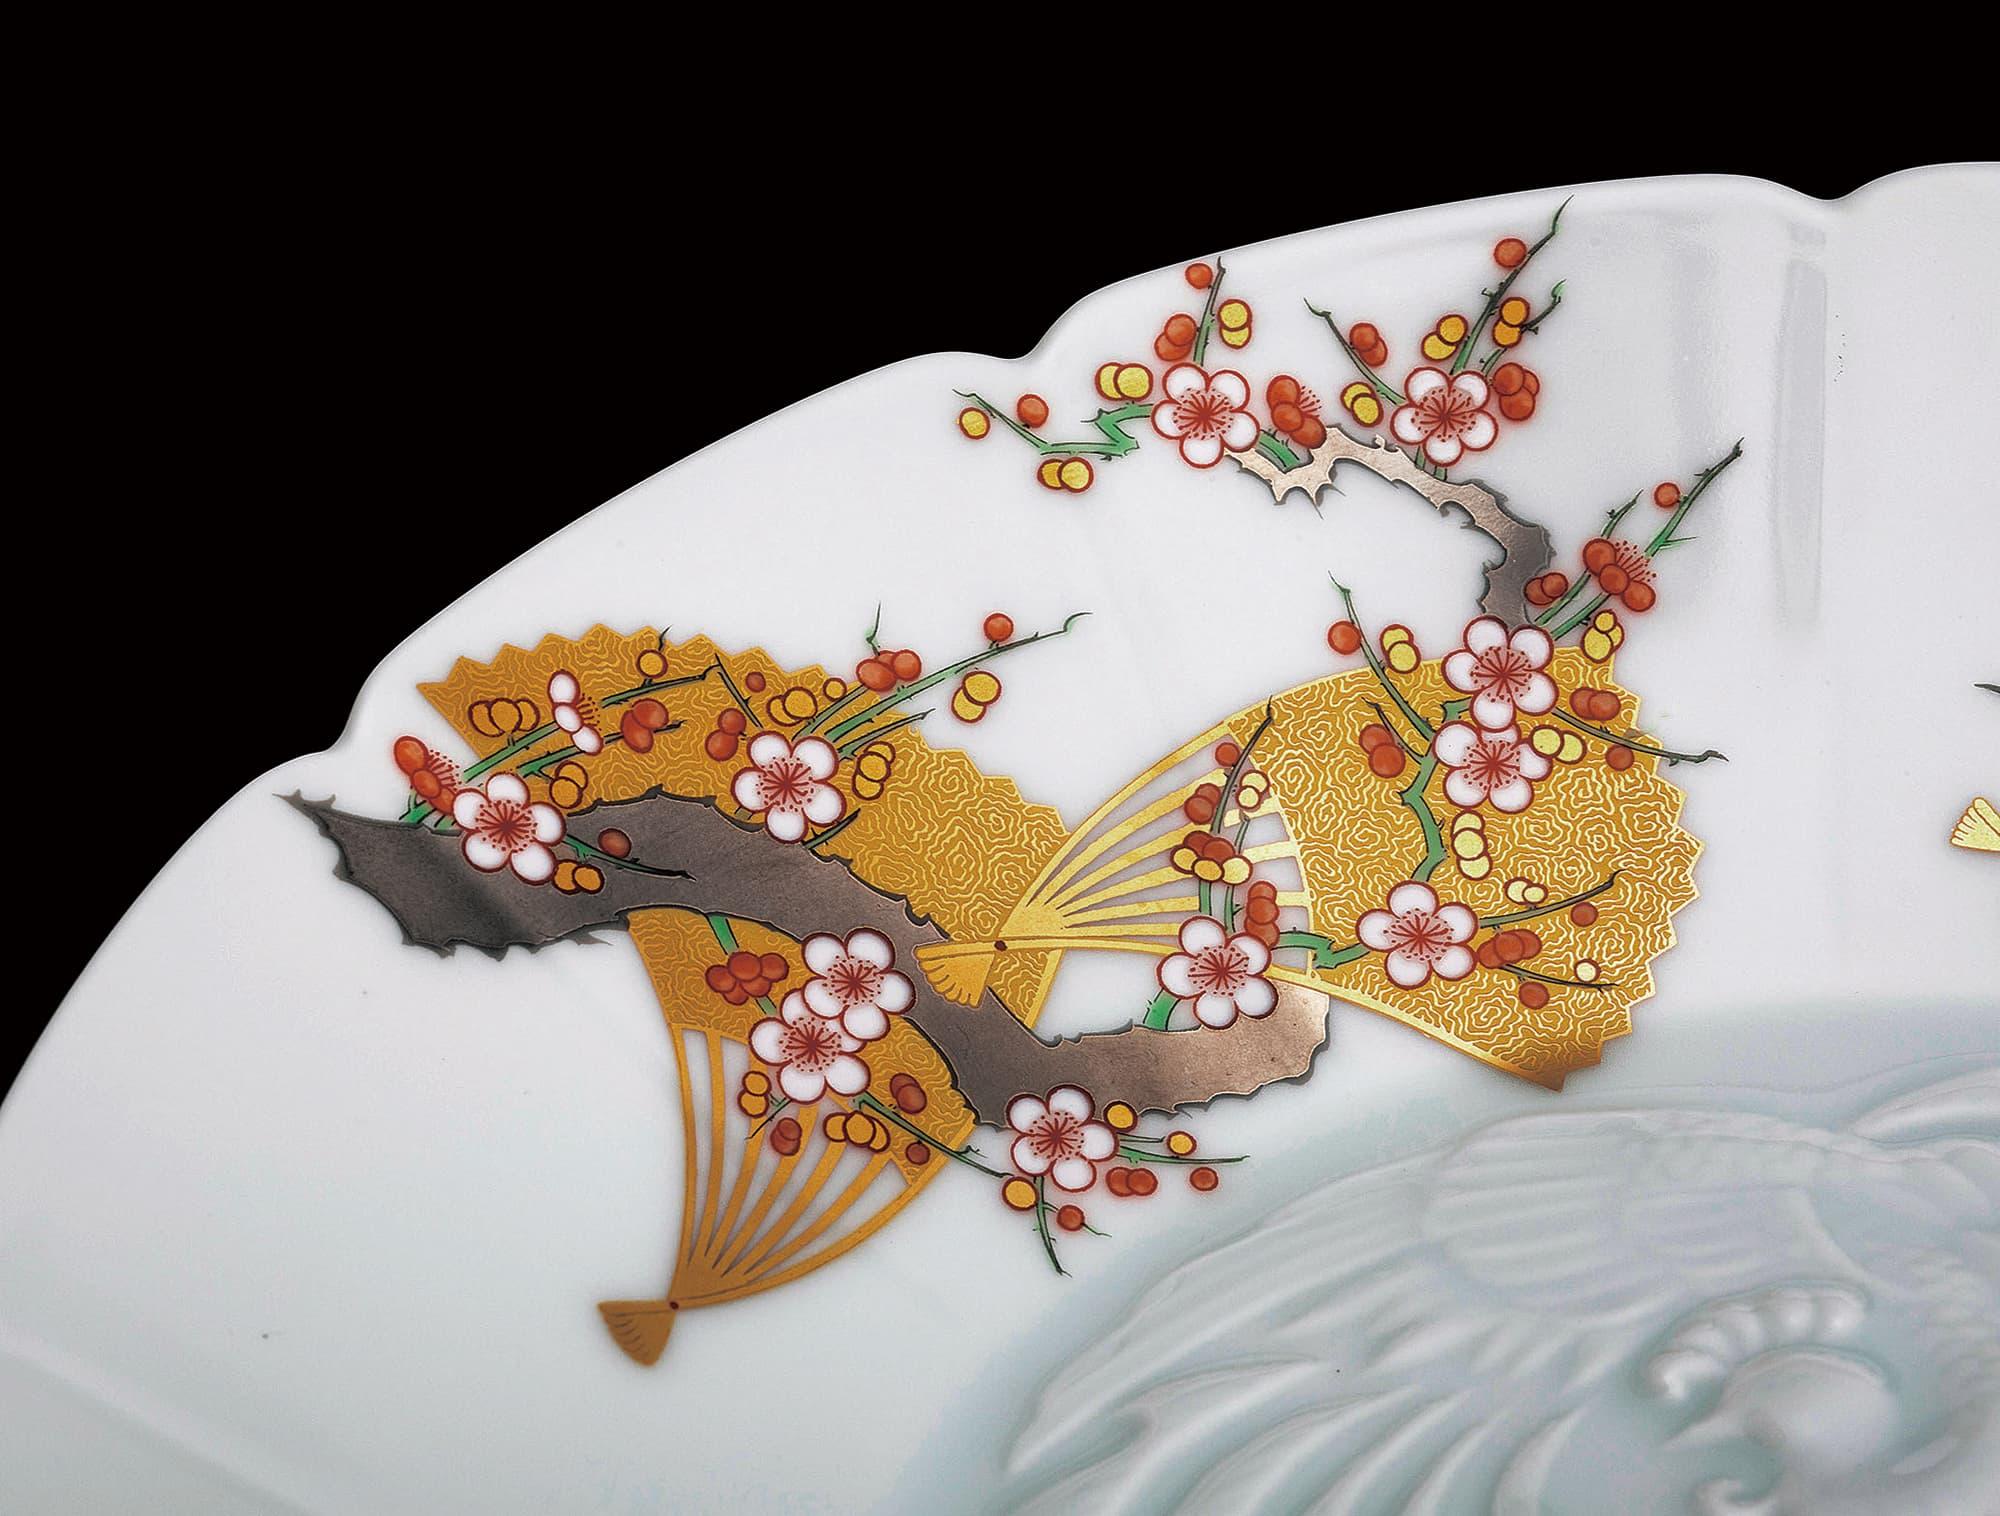 金彩の扇と紅白の梅の花、若草色の小枝が絶妙に配された絵柄